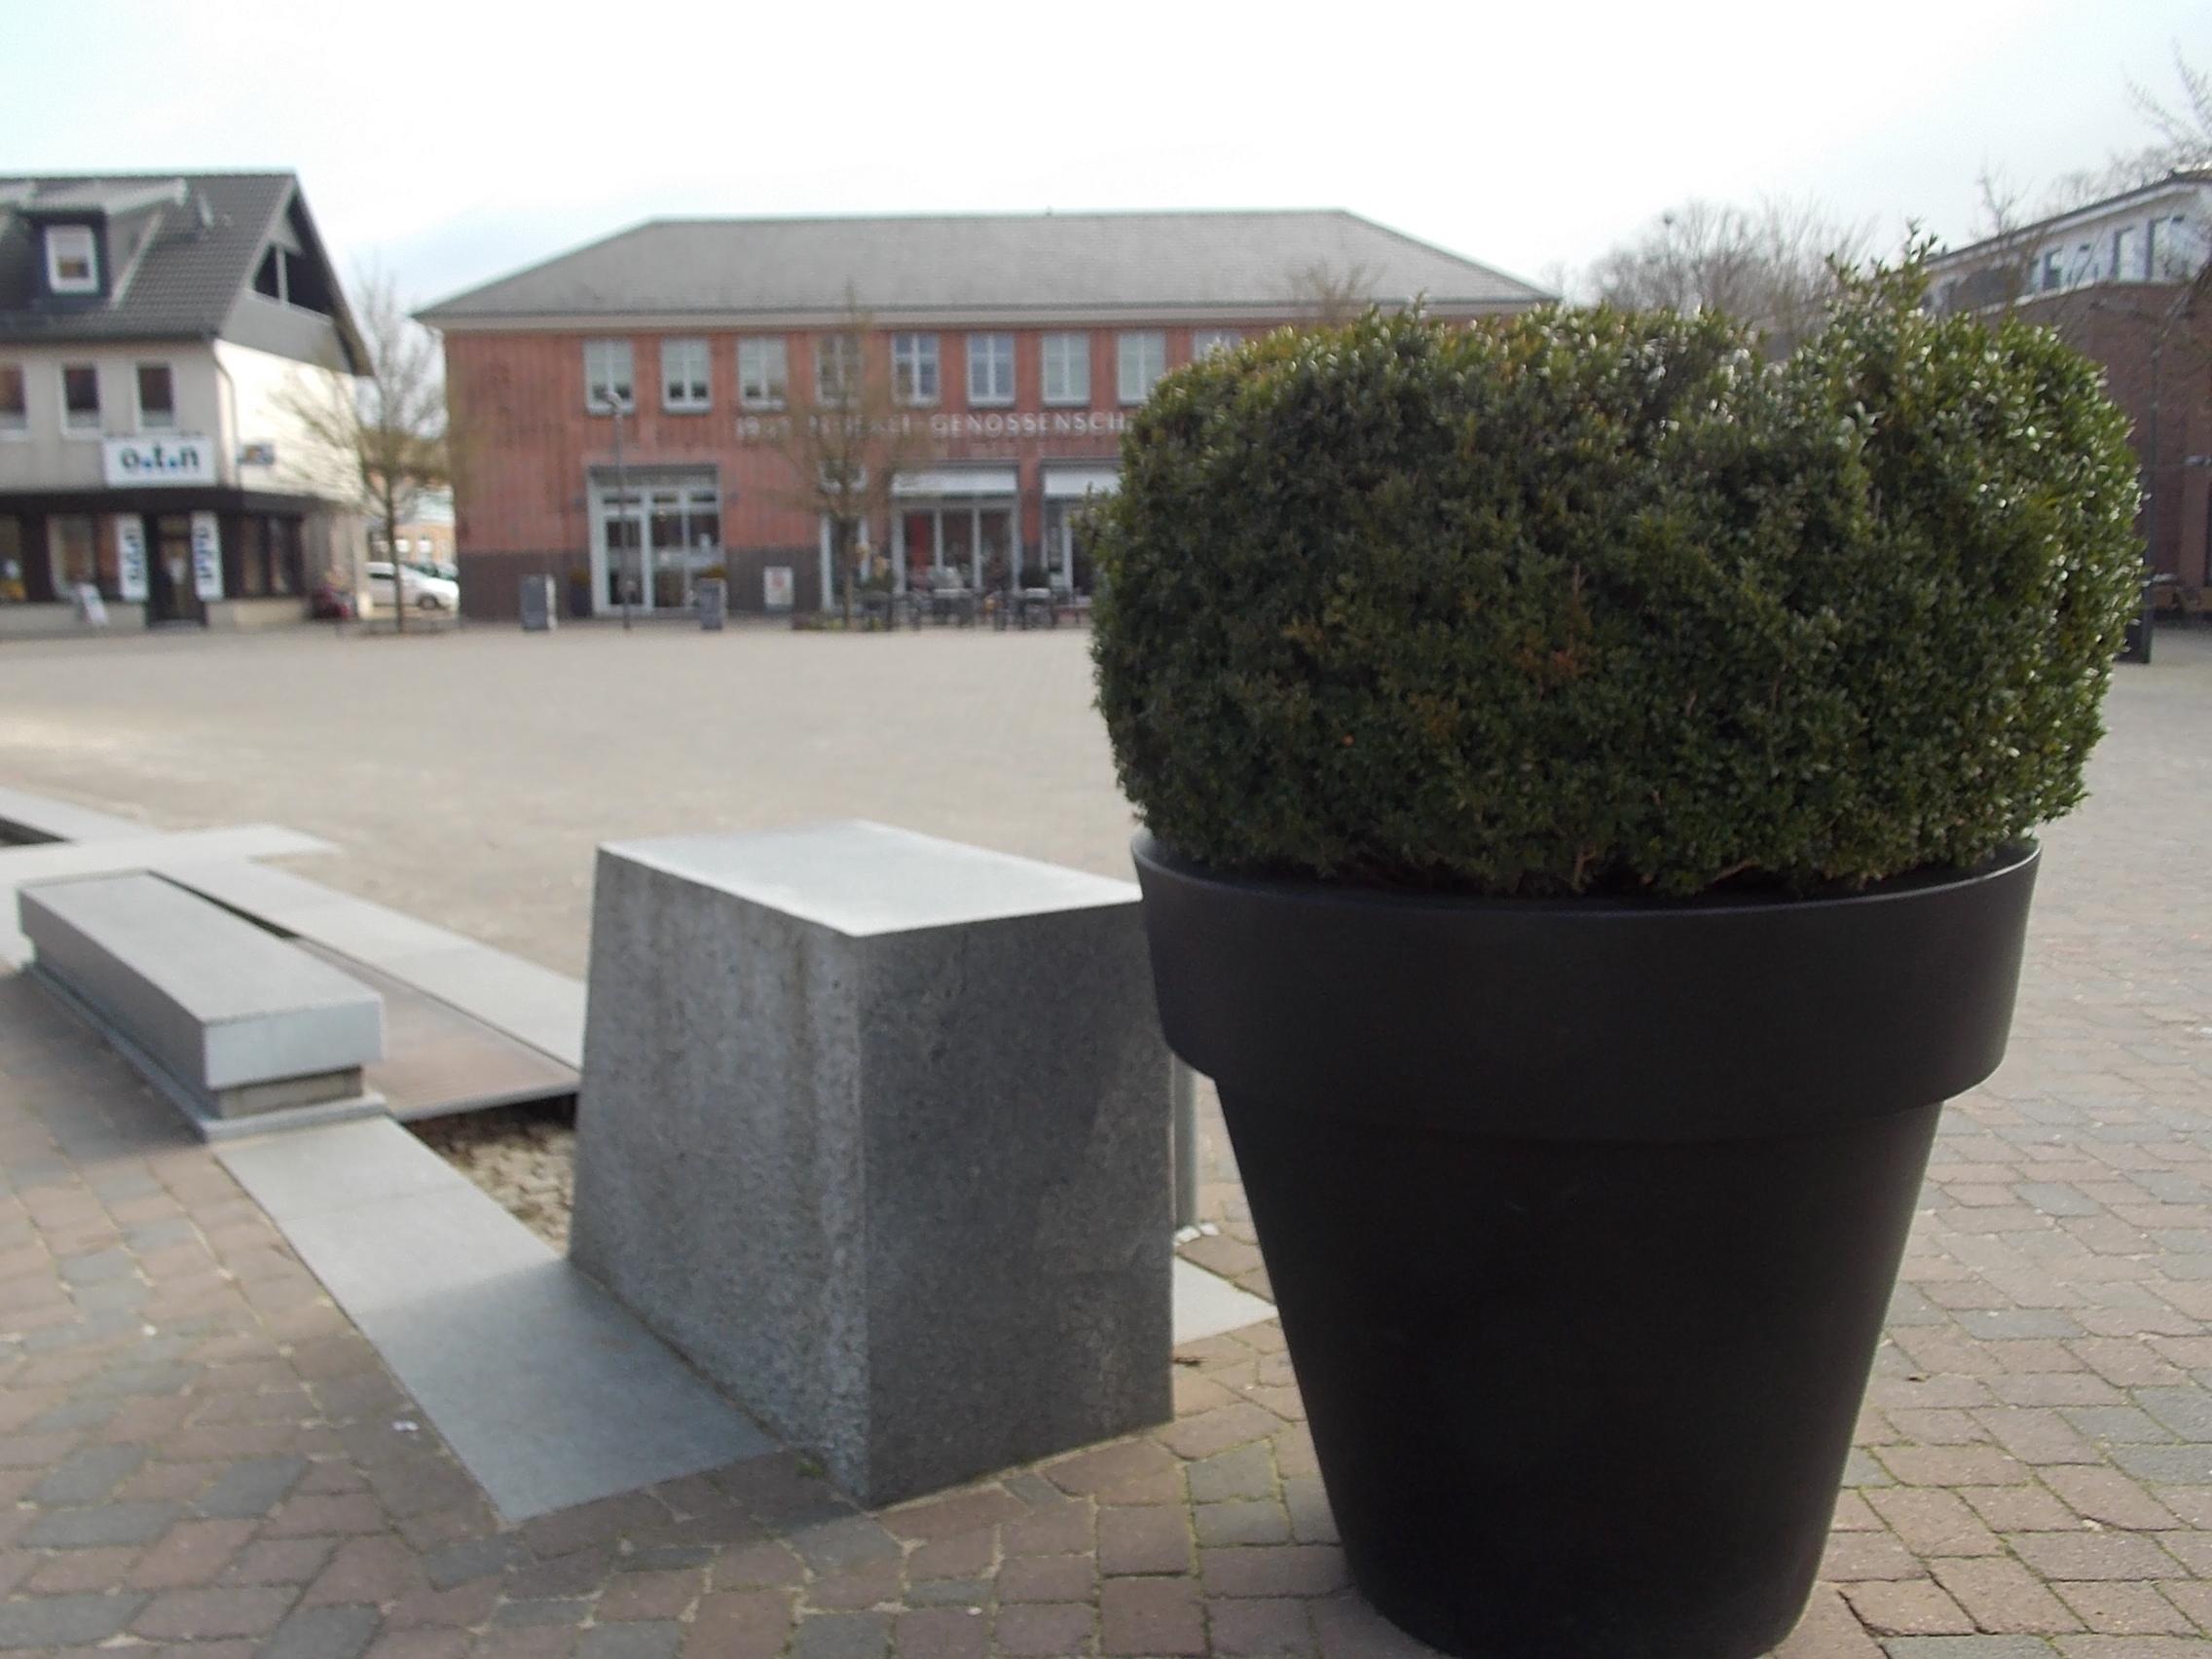 Nortorf Marktplatz, vorne steht ein überdimensionierter Topf mit Grün, dann kommt ein Wasserlauf und dann der Platz.